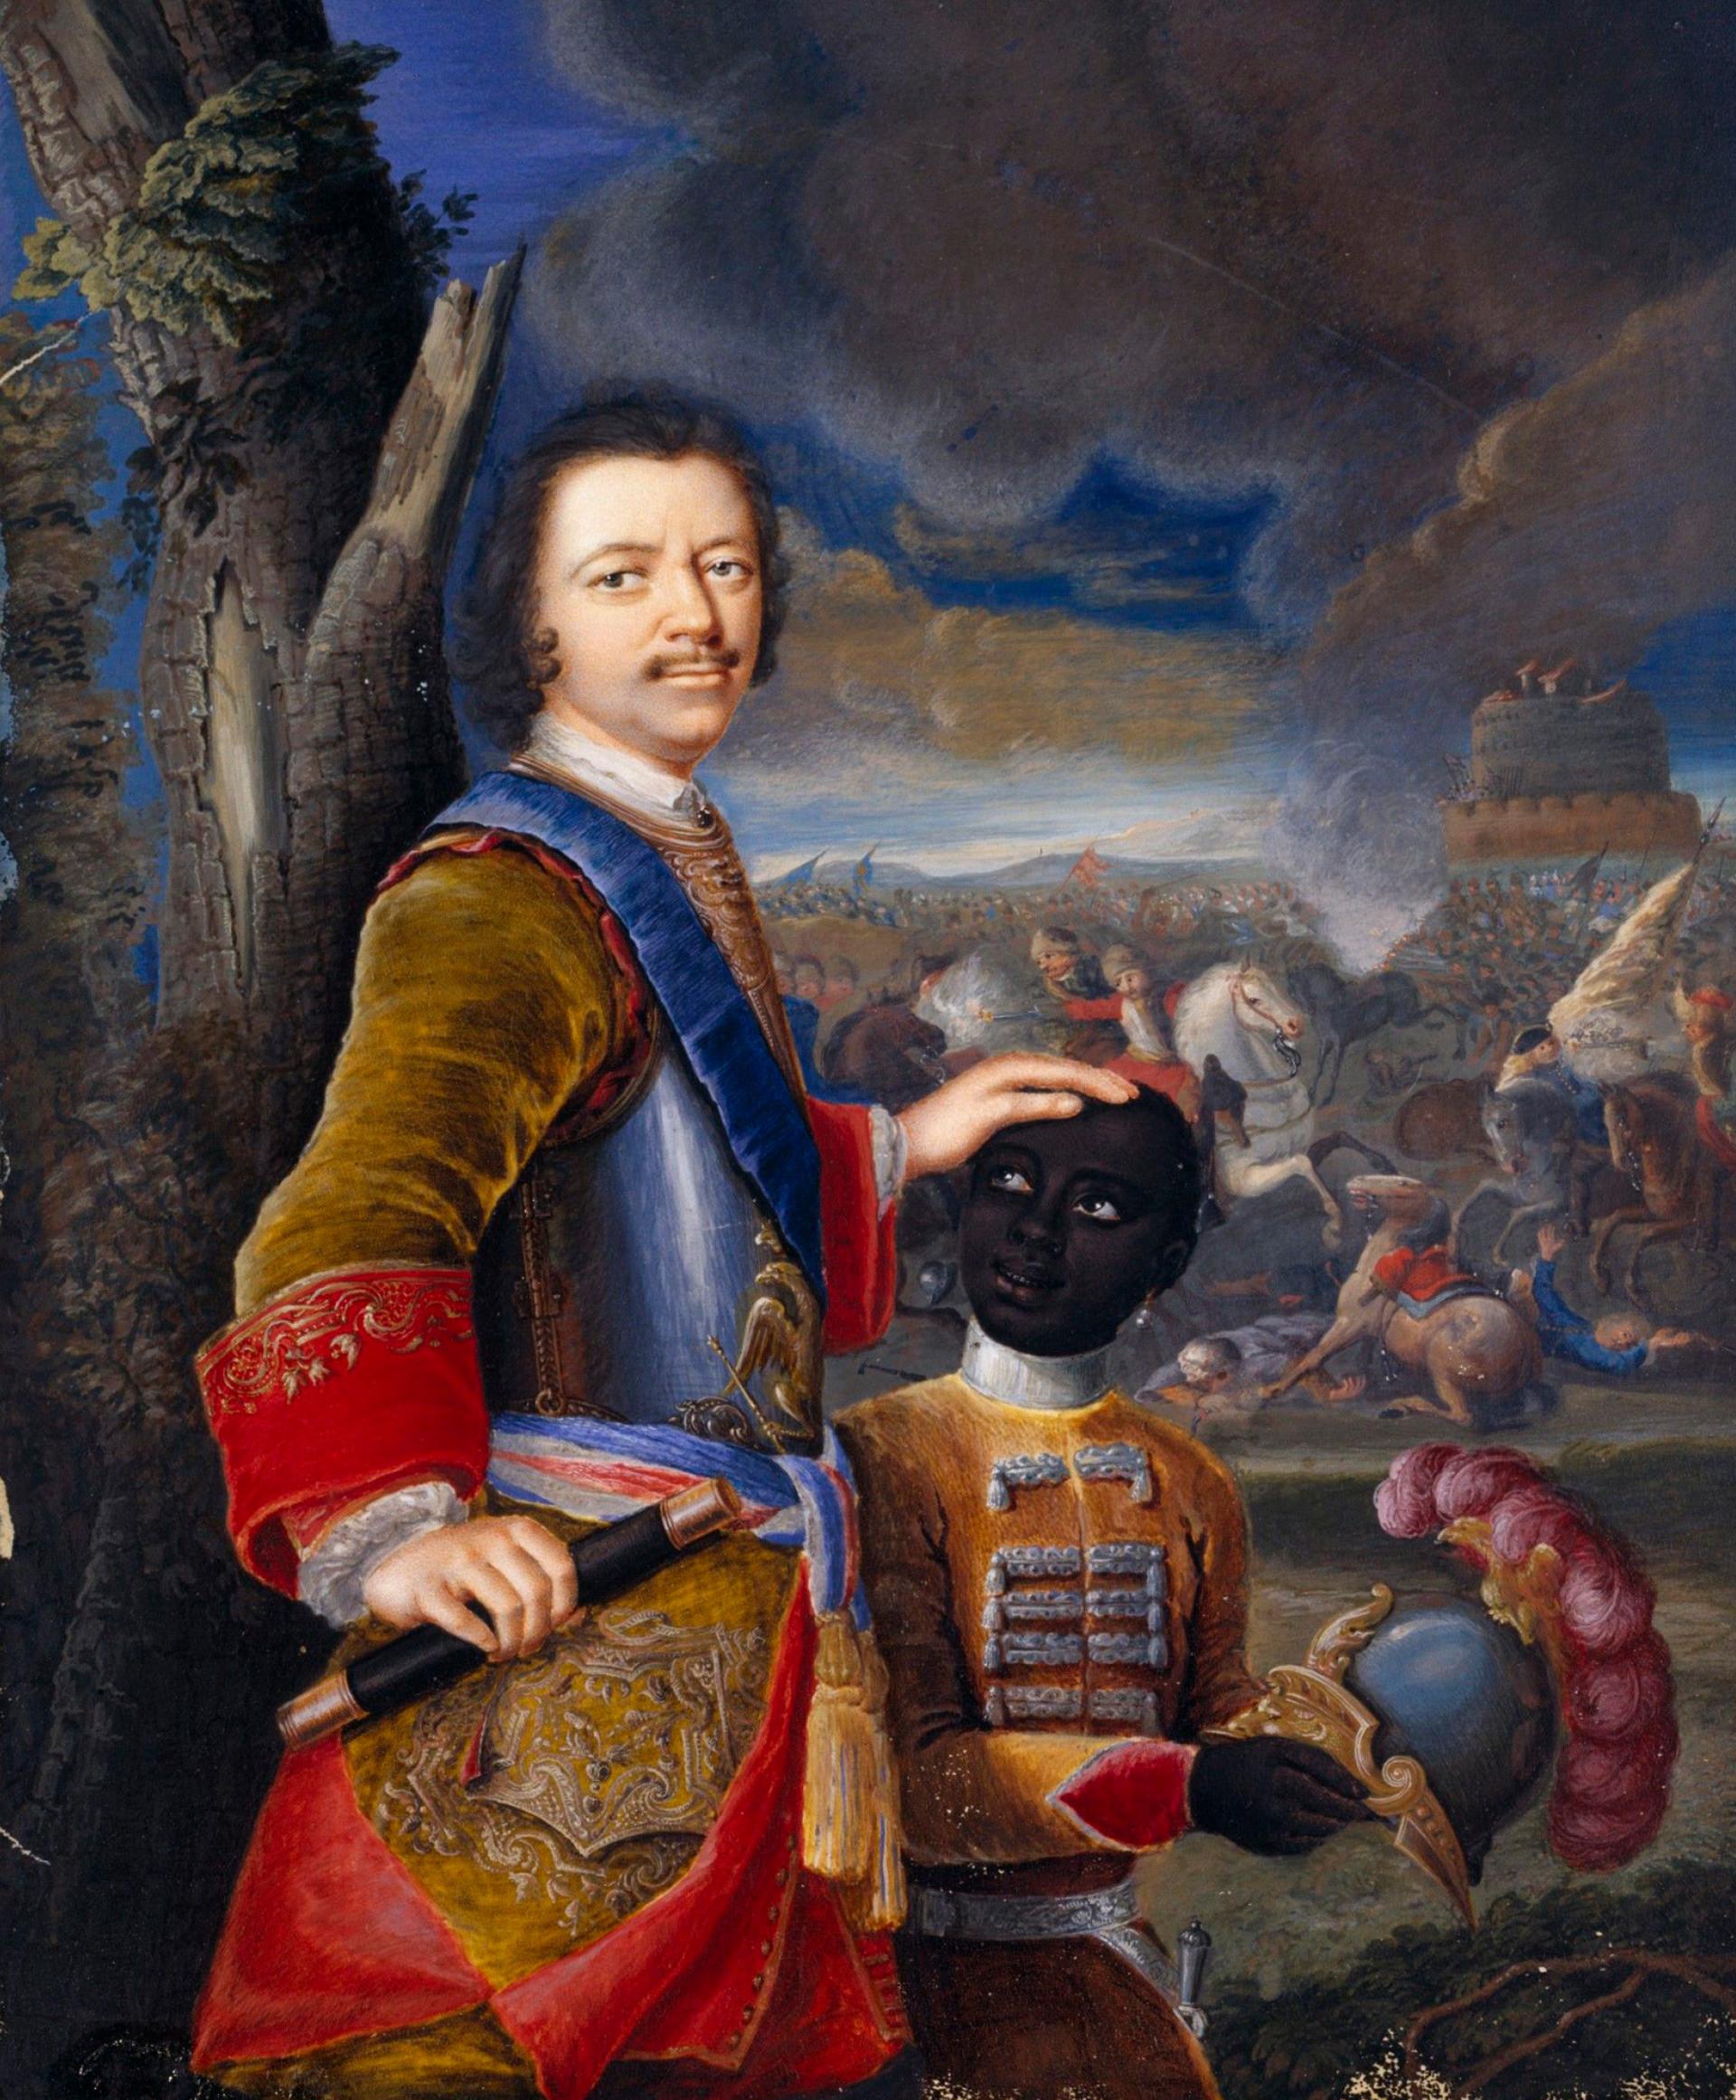 Porträt von Peter dem Großen mit einem schwarzen Kammerdiener